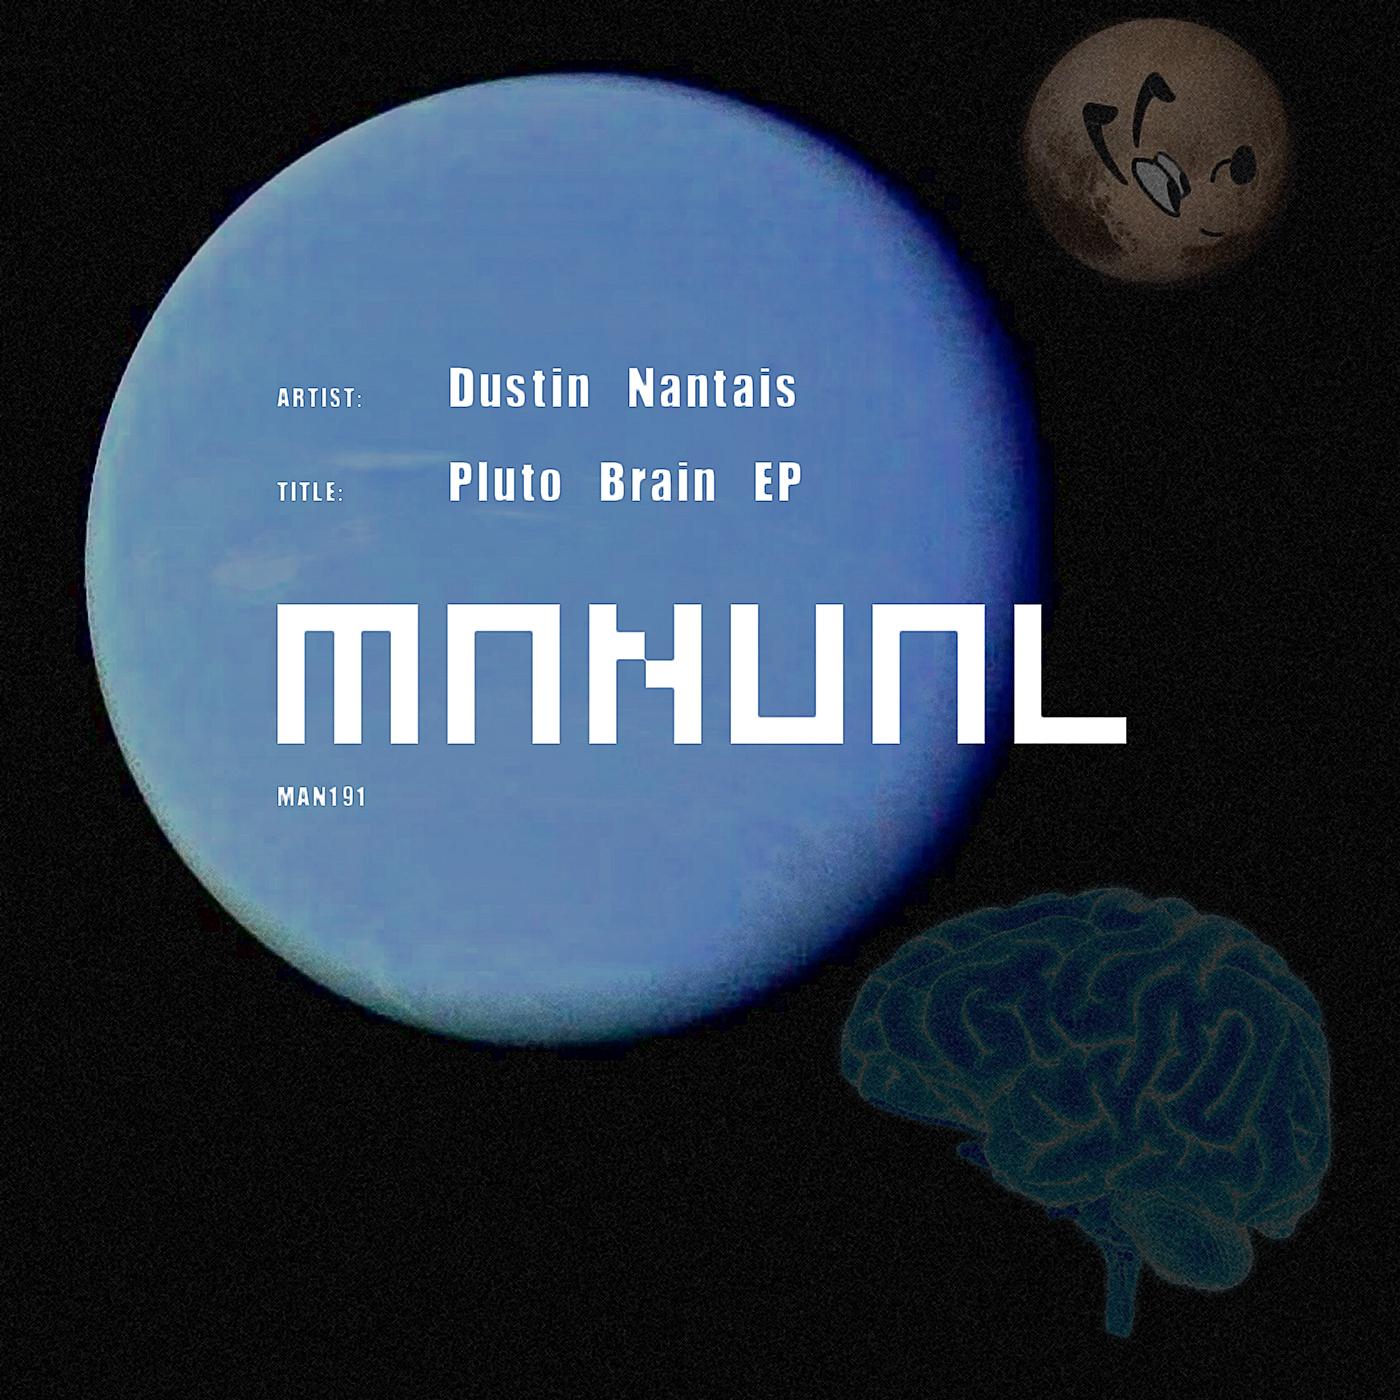 Dustin Nantais - Pluto Brain EP (Manual Music)